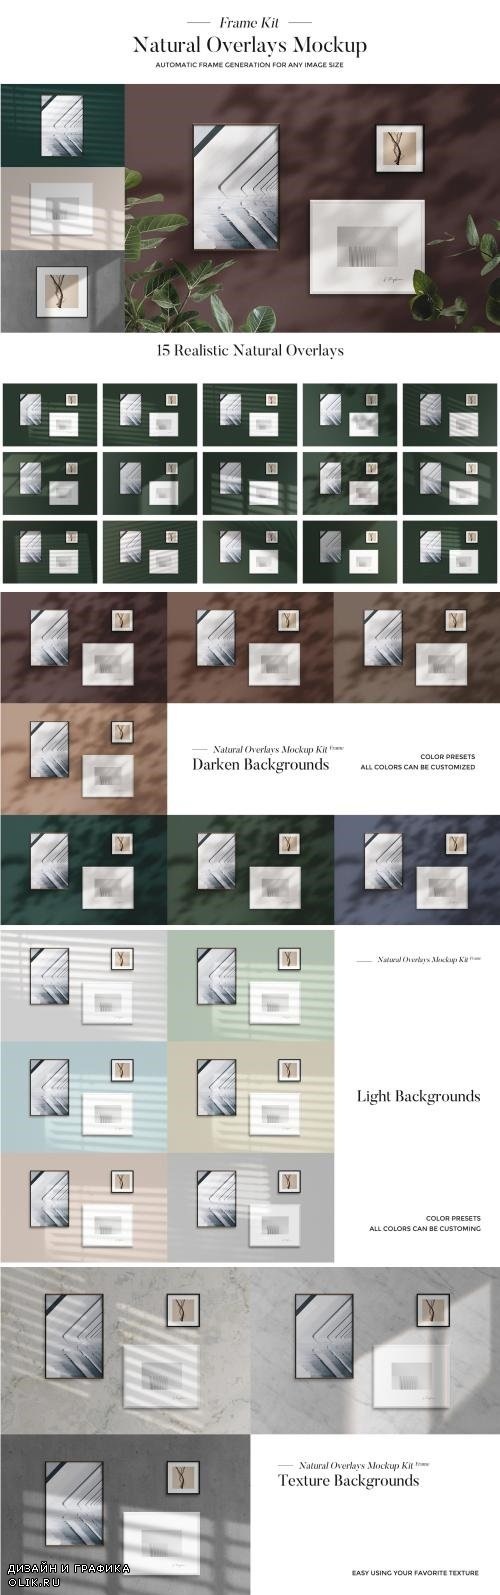 Frame Natural Overlays Mockup Kit - 3884858